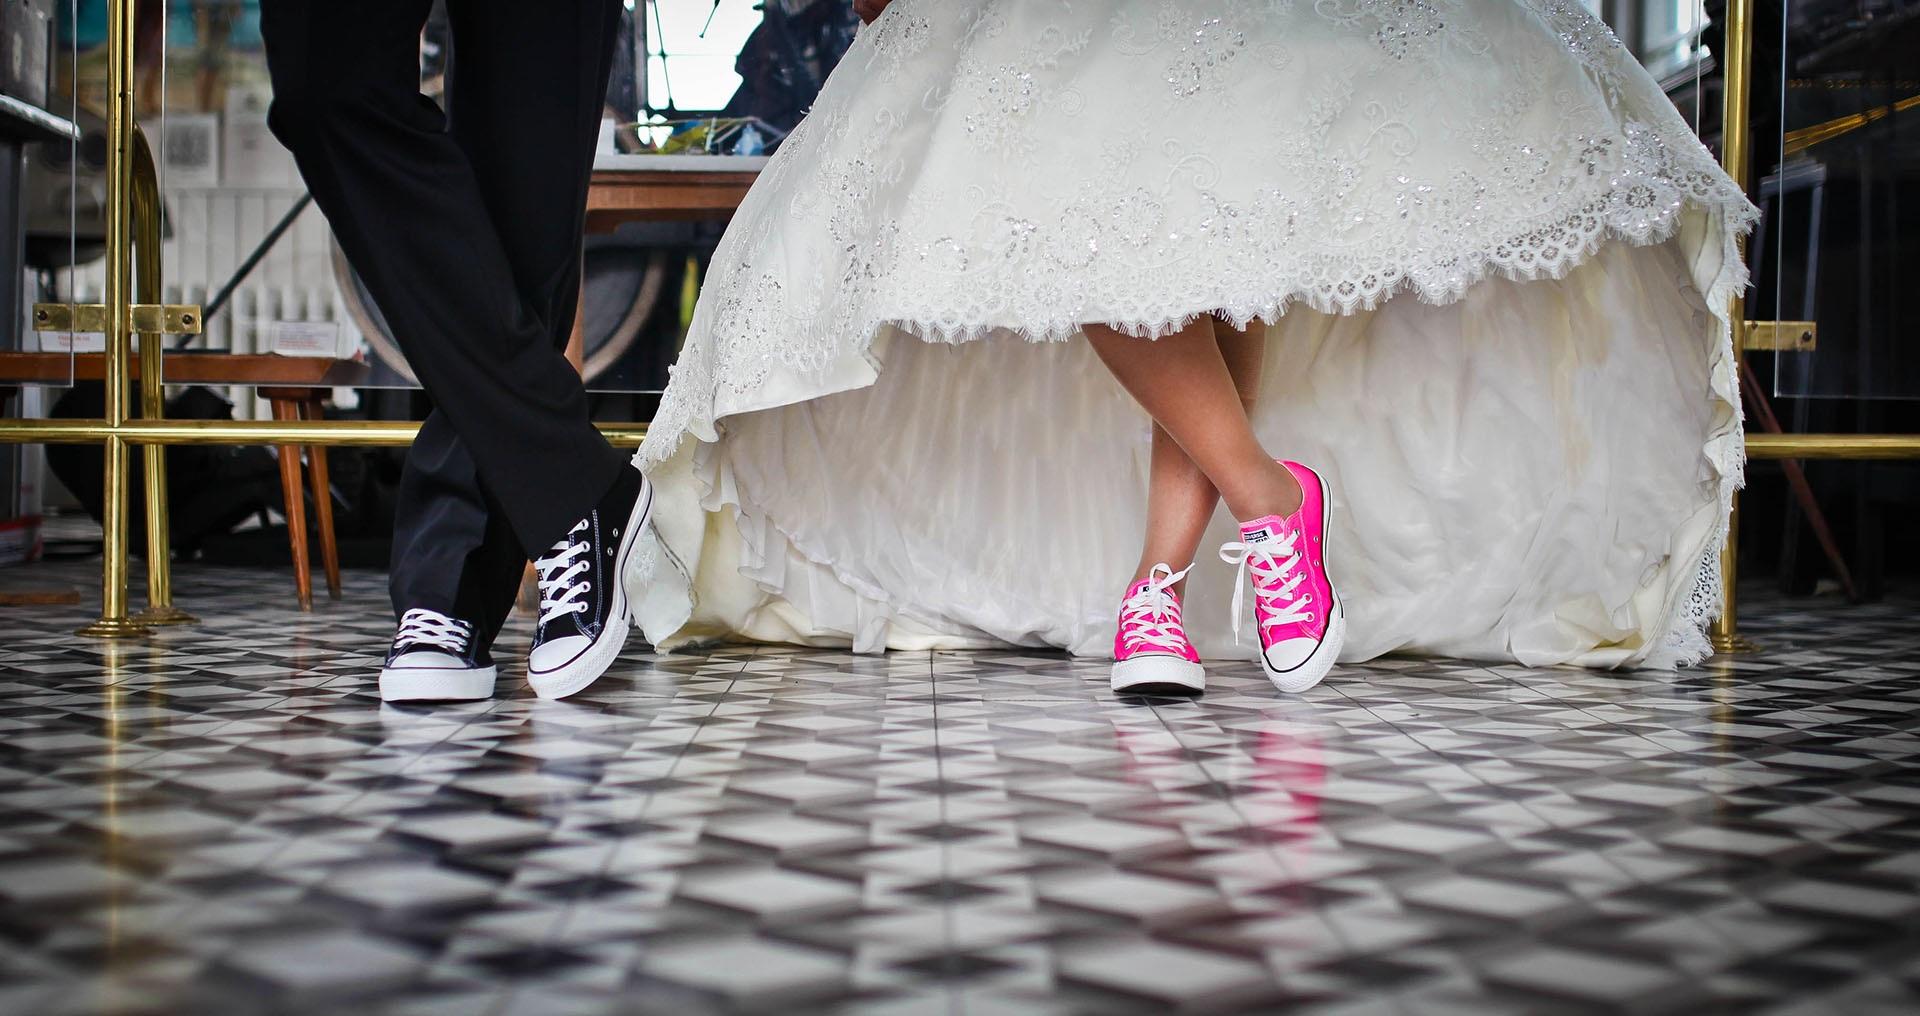 Γάμος, Αρχική, παπούτσια, υποδήματα, νύφη και το γαμπρό - Wallpapers HD - Professor-falken.com